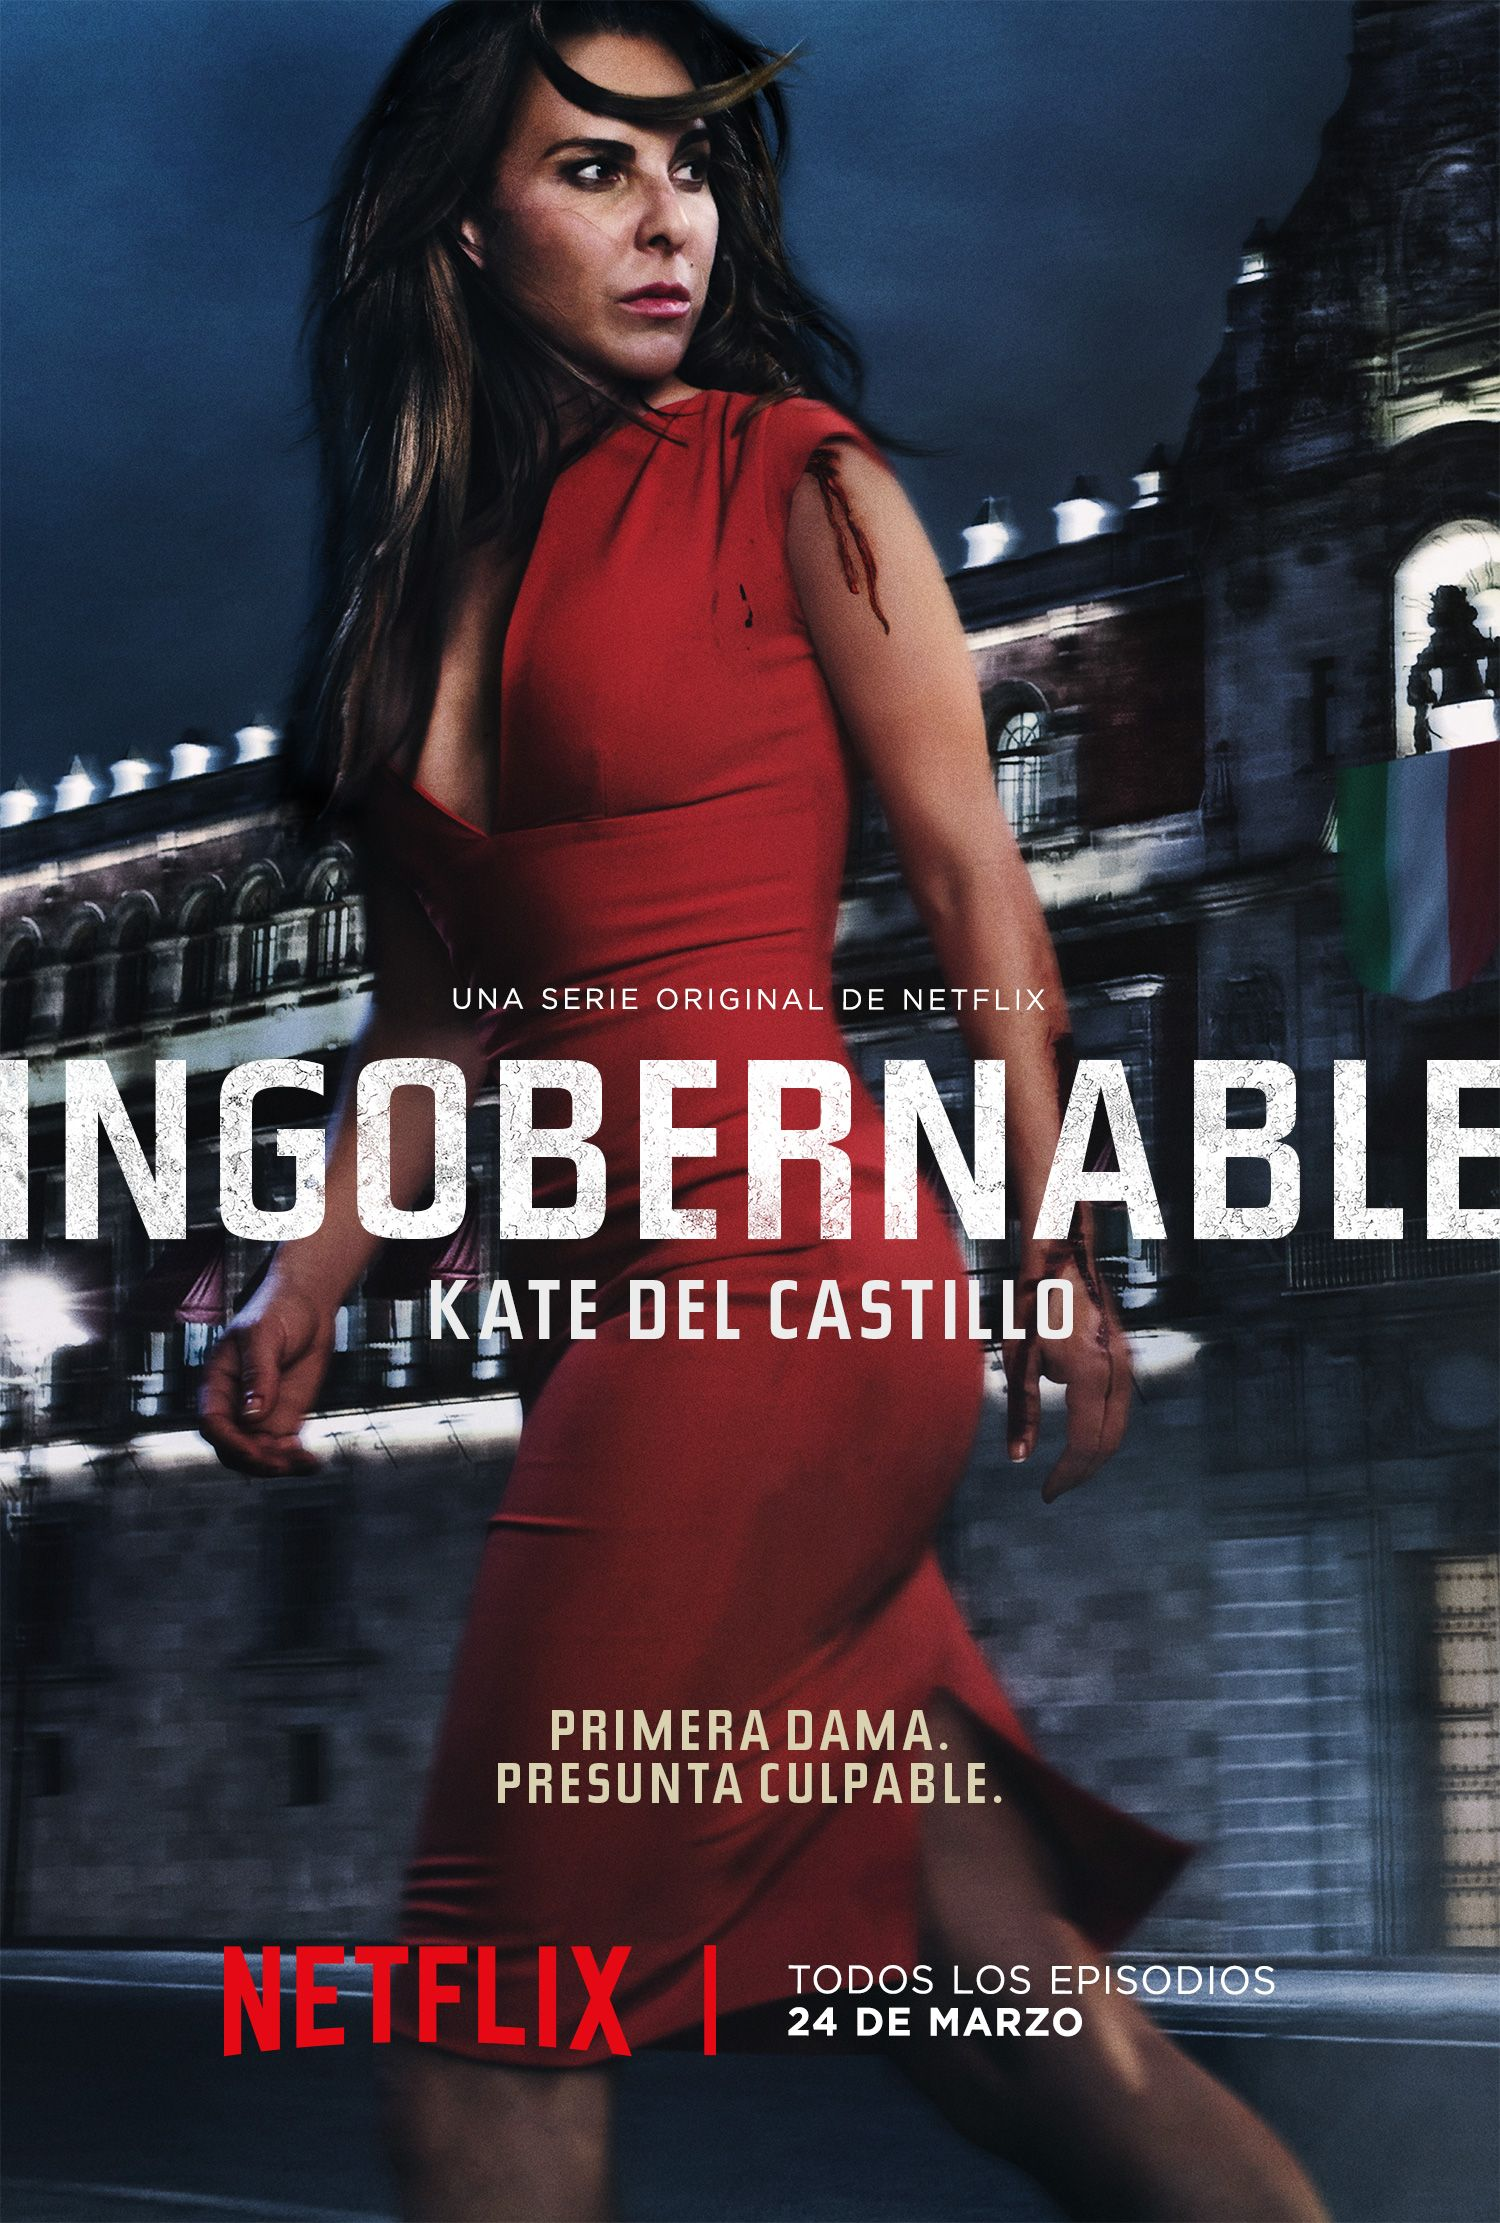 Netflix Lanzará La Primer Temporada De Su Anticipada Serie Original Mexicana De La Ingobernable No Te La Pierdas Tv Series 2017 Tv Series Kate Del Castillo